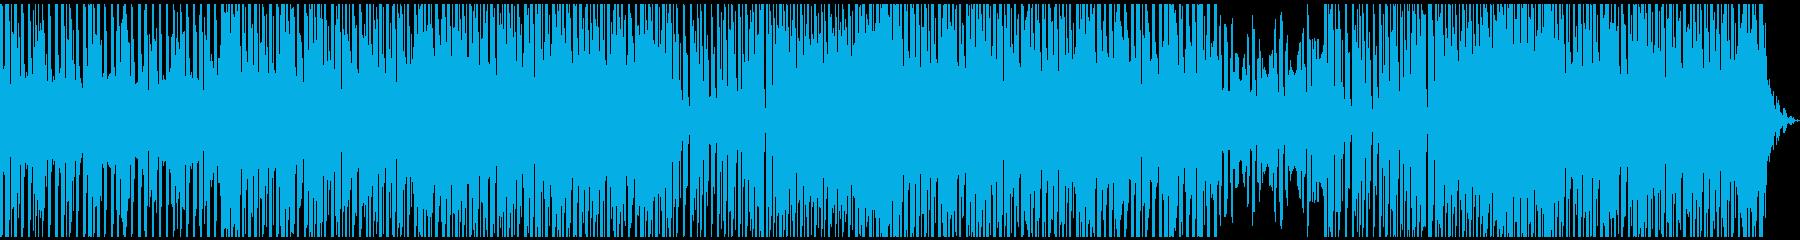 夏のメロディックなポップミュージックの再生済みの波形